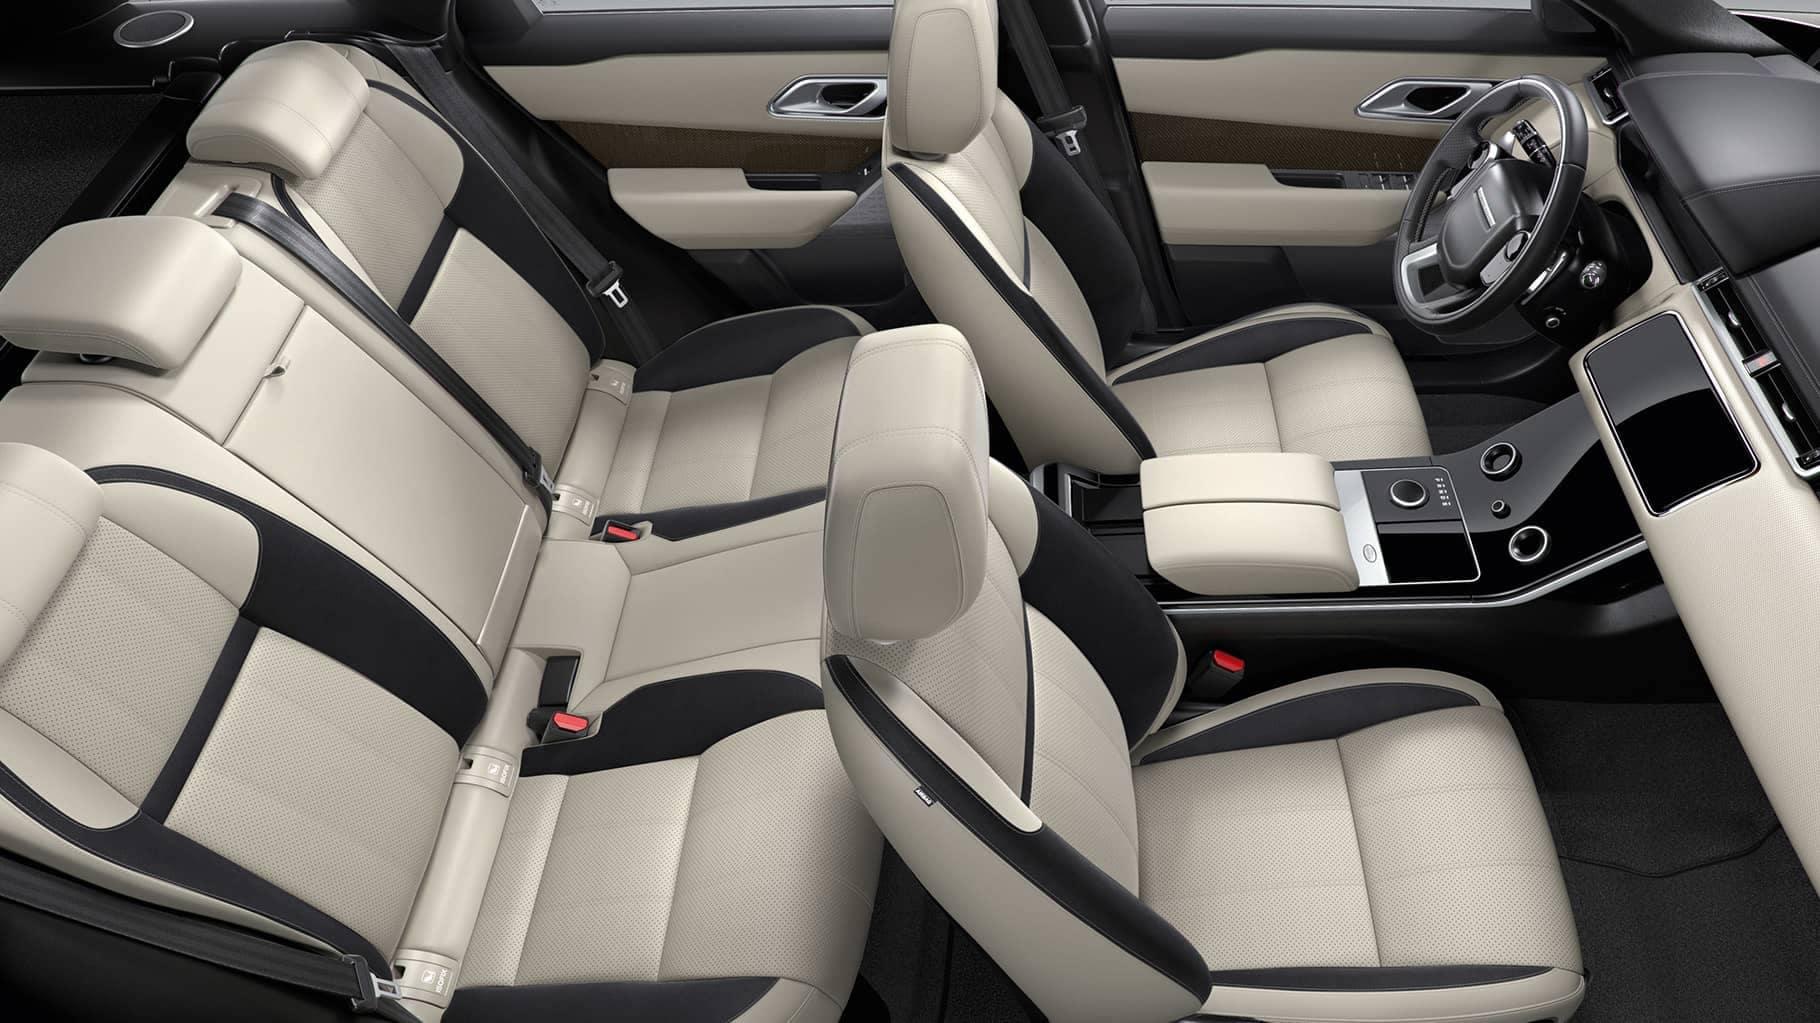 2019 Land Rover Range Rover Velar seating